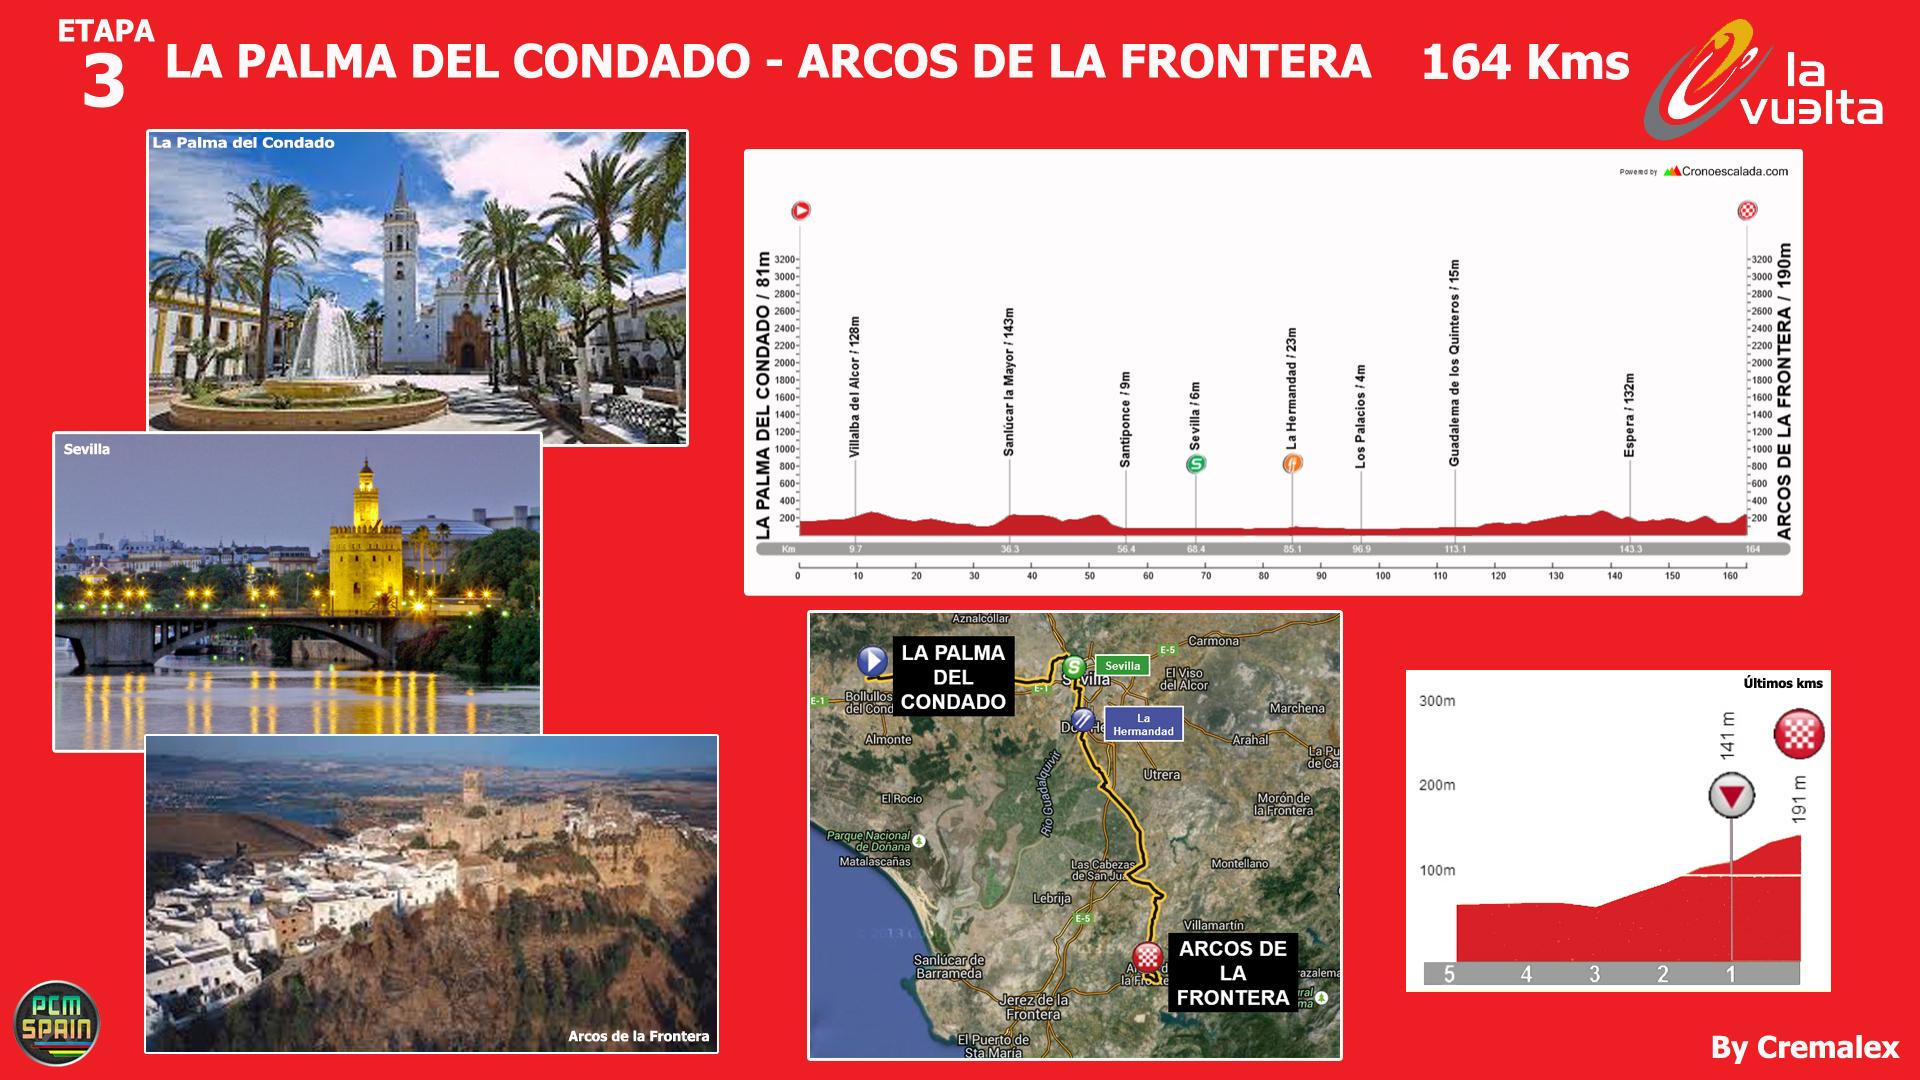 Concurso Vuelta a España 2015 - Página 6 112521Etapas03